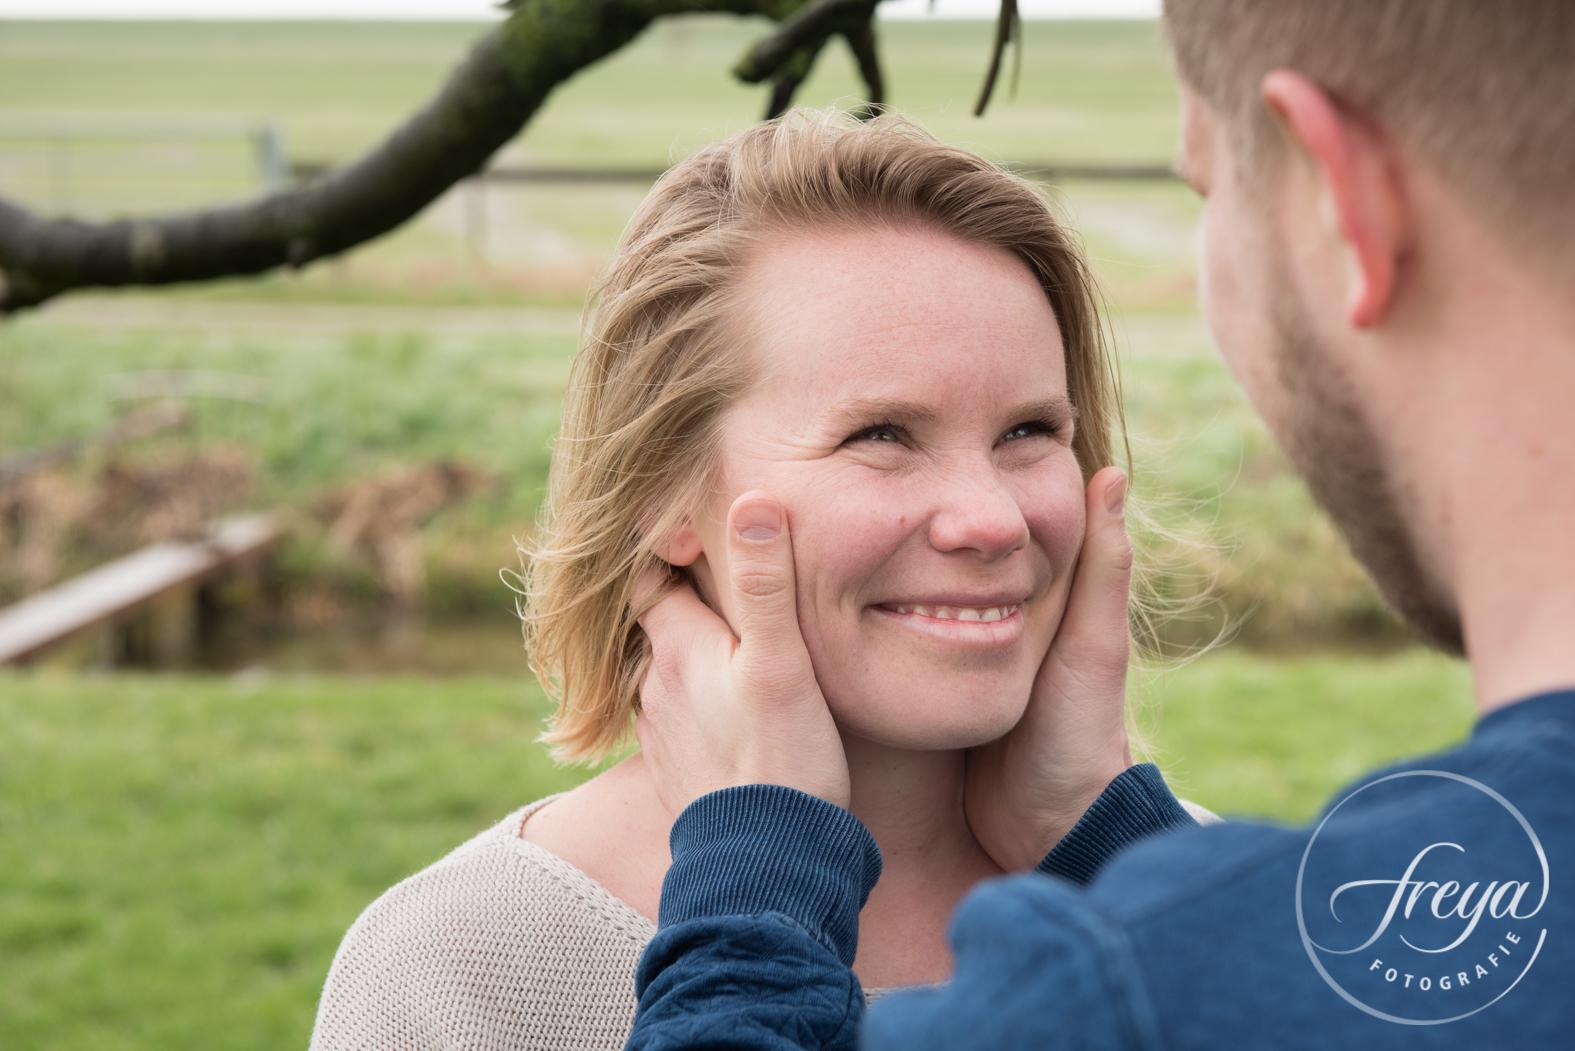 Liefdevolle blik in portret door portretfotograaf Freya Fotografie